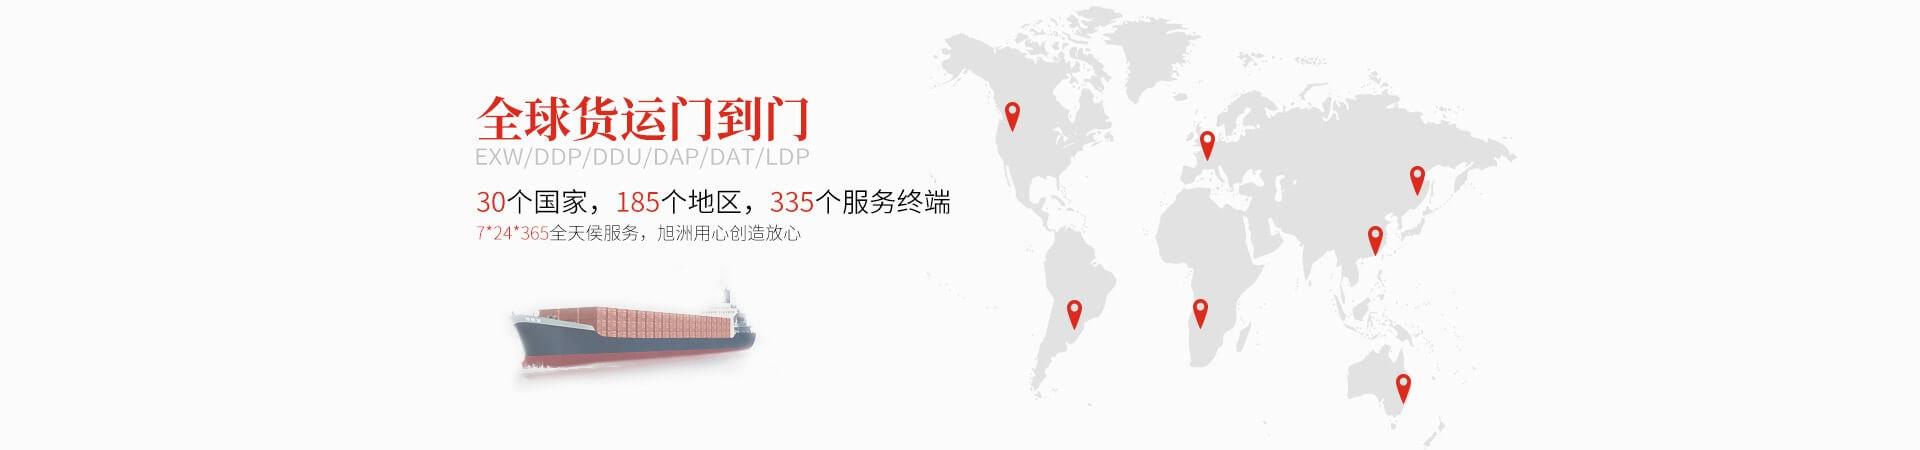 旭洲物流提供全球门到门的自定义物流服务